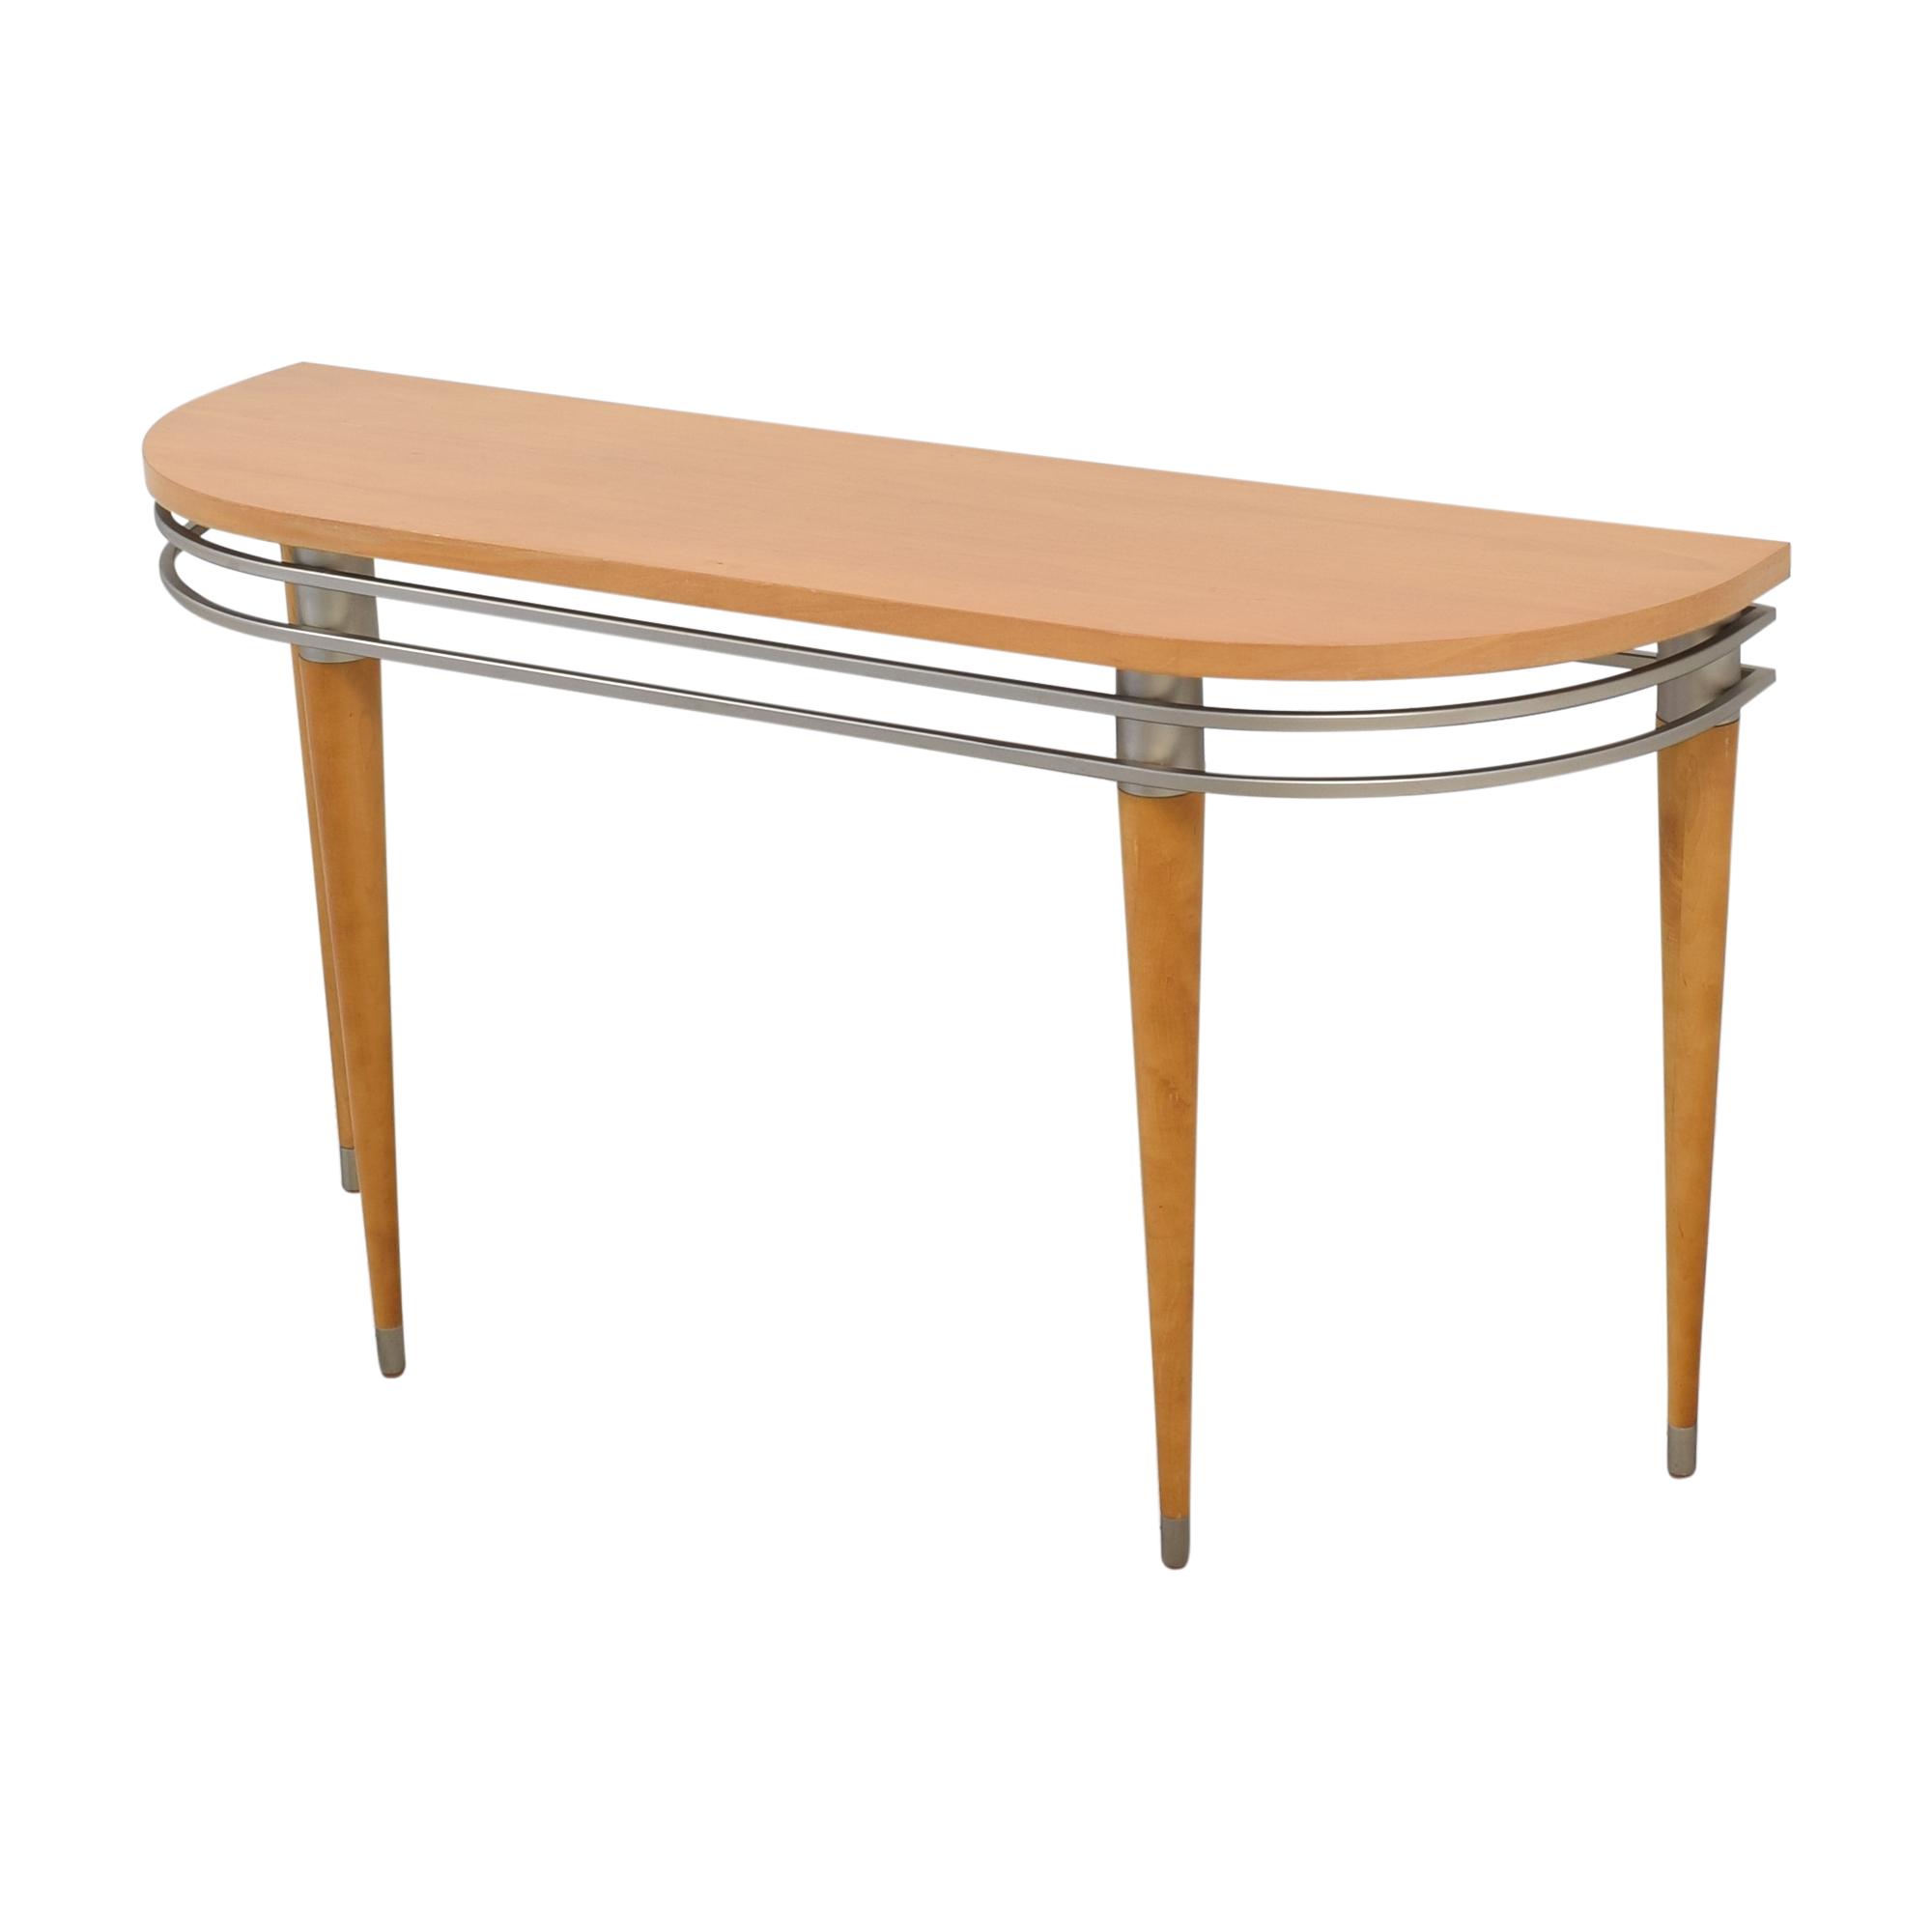 Ethan Allen Ethan Allen Radius Sofa Console Table nyc